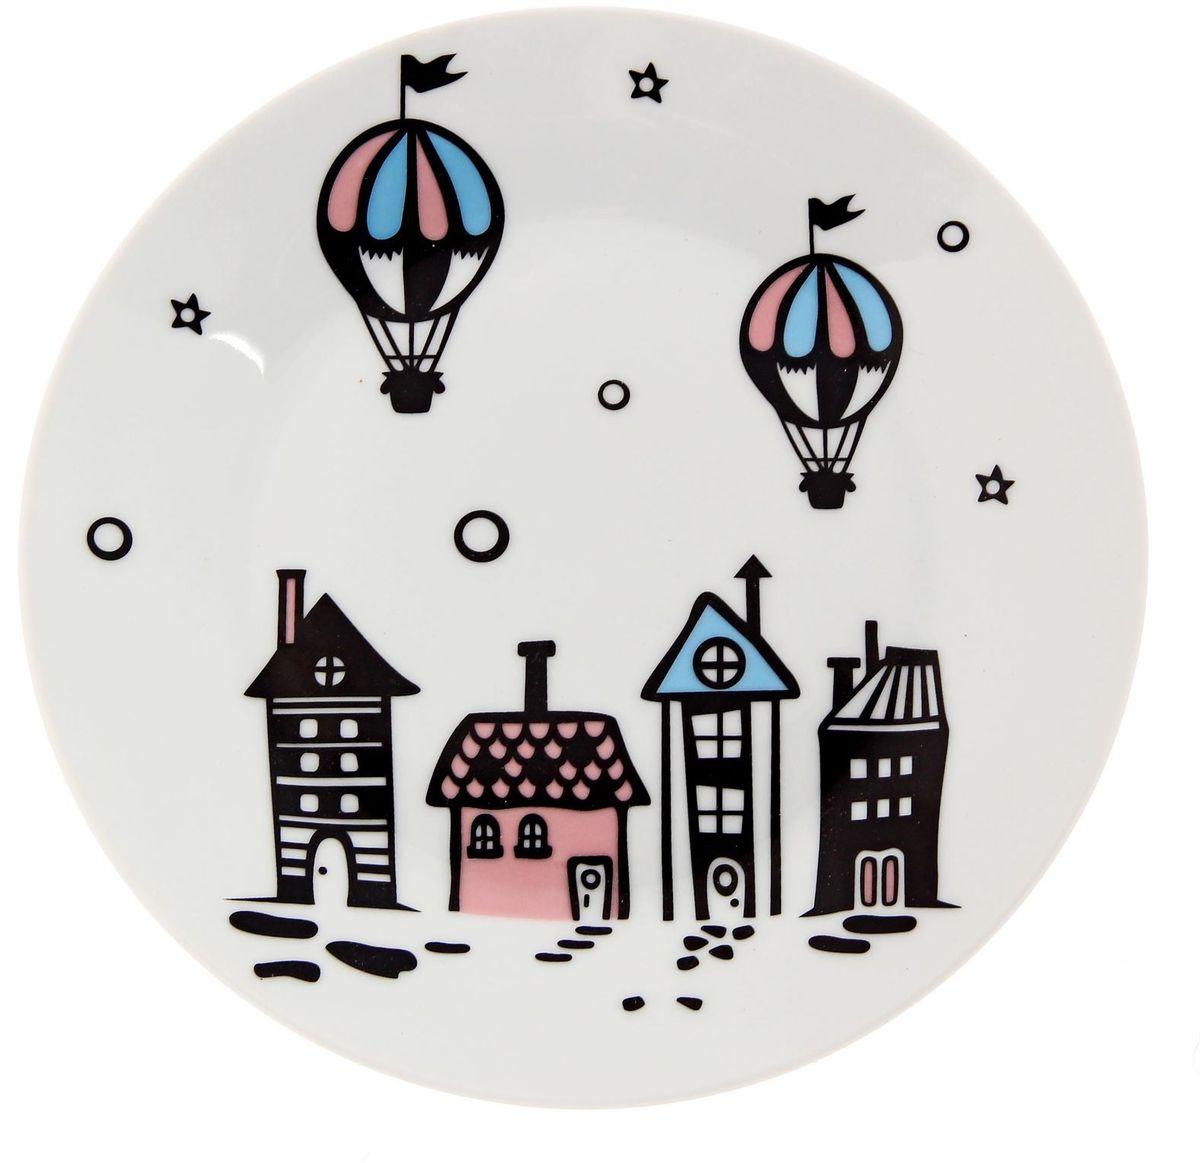 Тарелка мелкая Сотвори чудо Воздушный город, диаметр 20 см2277870Хотите обновить интерьер кухни или гостиной? Устраиваете необычную фотосессию или тематический праздник? А может, просто ищете подарок для близкого человека? Посуда Сотвори Чудо — правильный выбор в любой ситуации. Тарелка Сотвори Чудо, изготовленная из изящного фаянса нежного сливочного цвета, оформлена оригинальным рисунком со стойкой краской. Пригодна для посудомоечной машины.